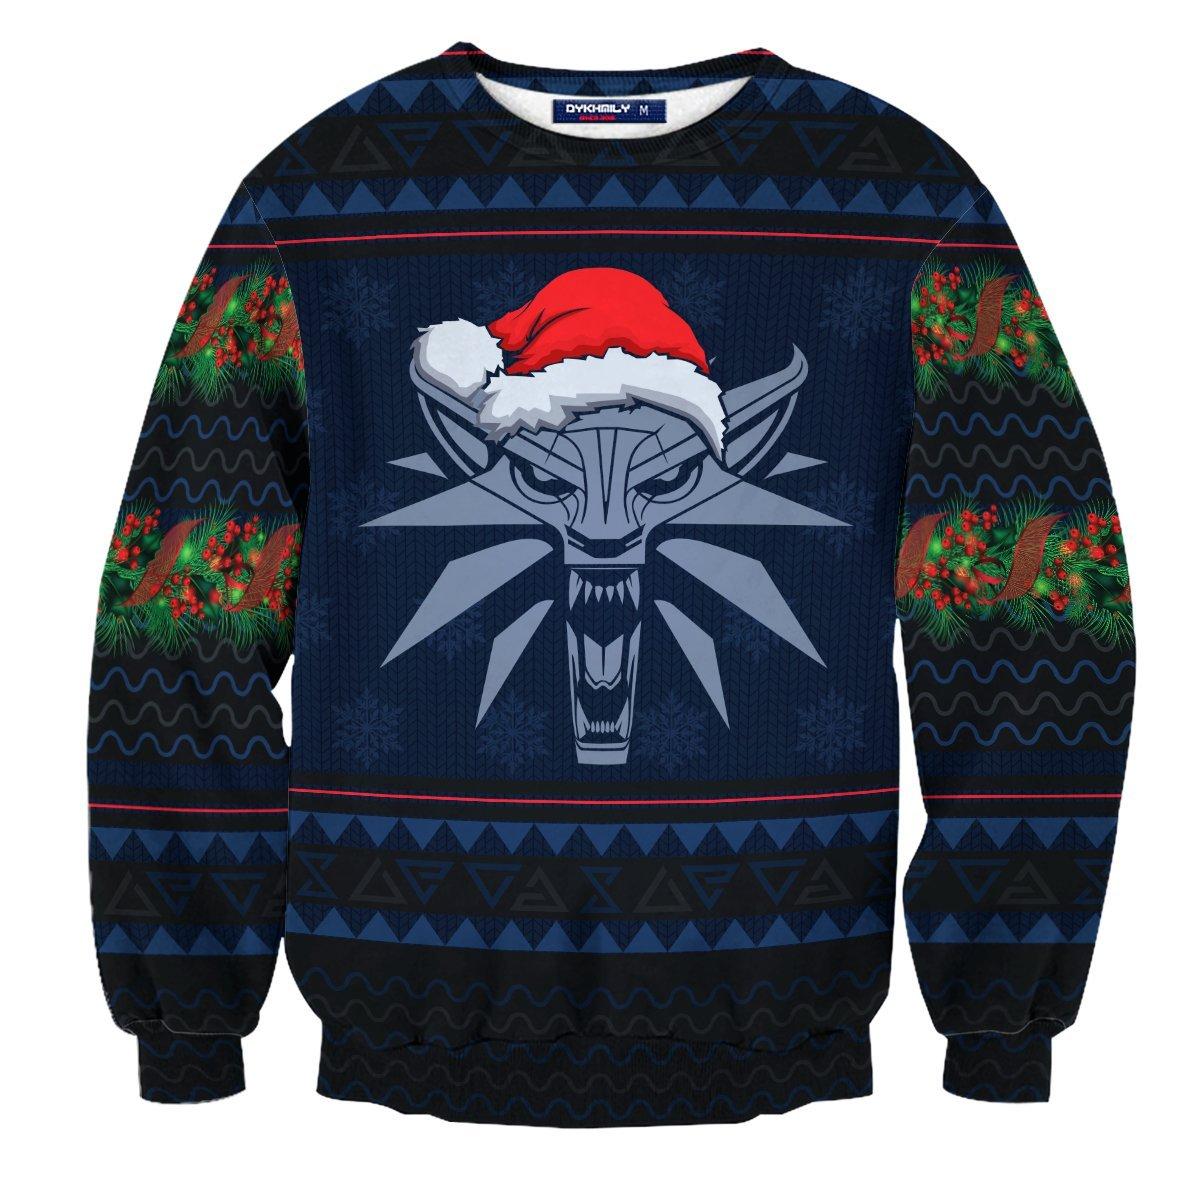 Witcher Geralt Christmas Unisex Wool Sweater FDM0310 S Official Otaku Treat Merch